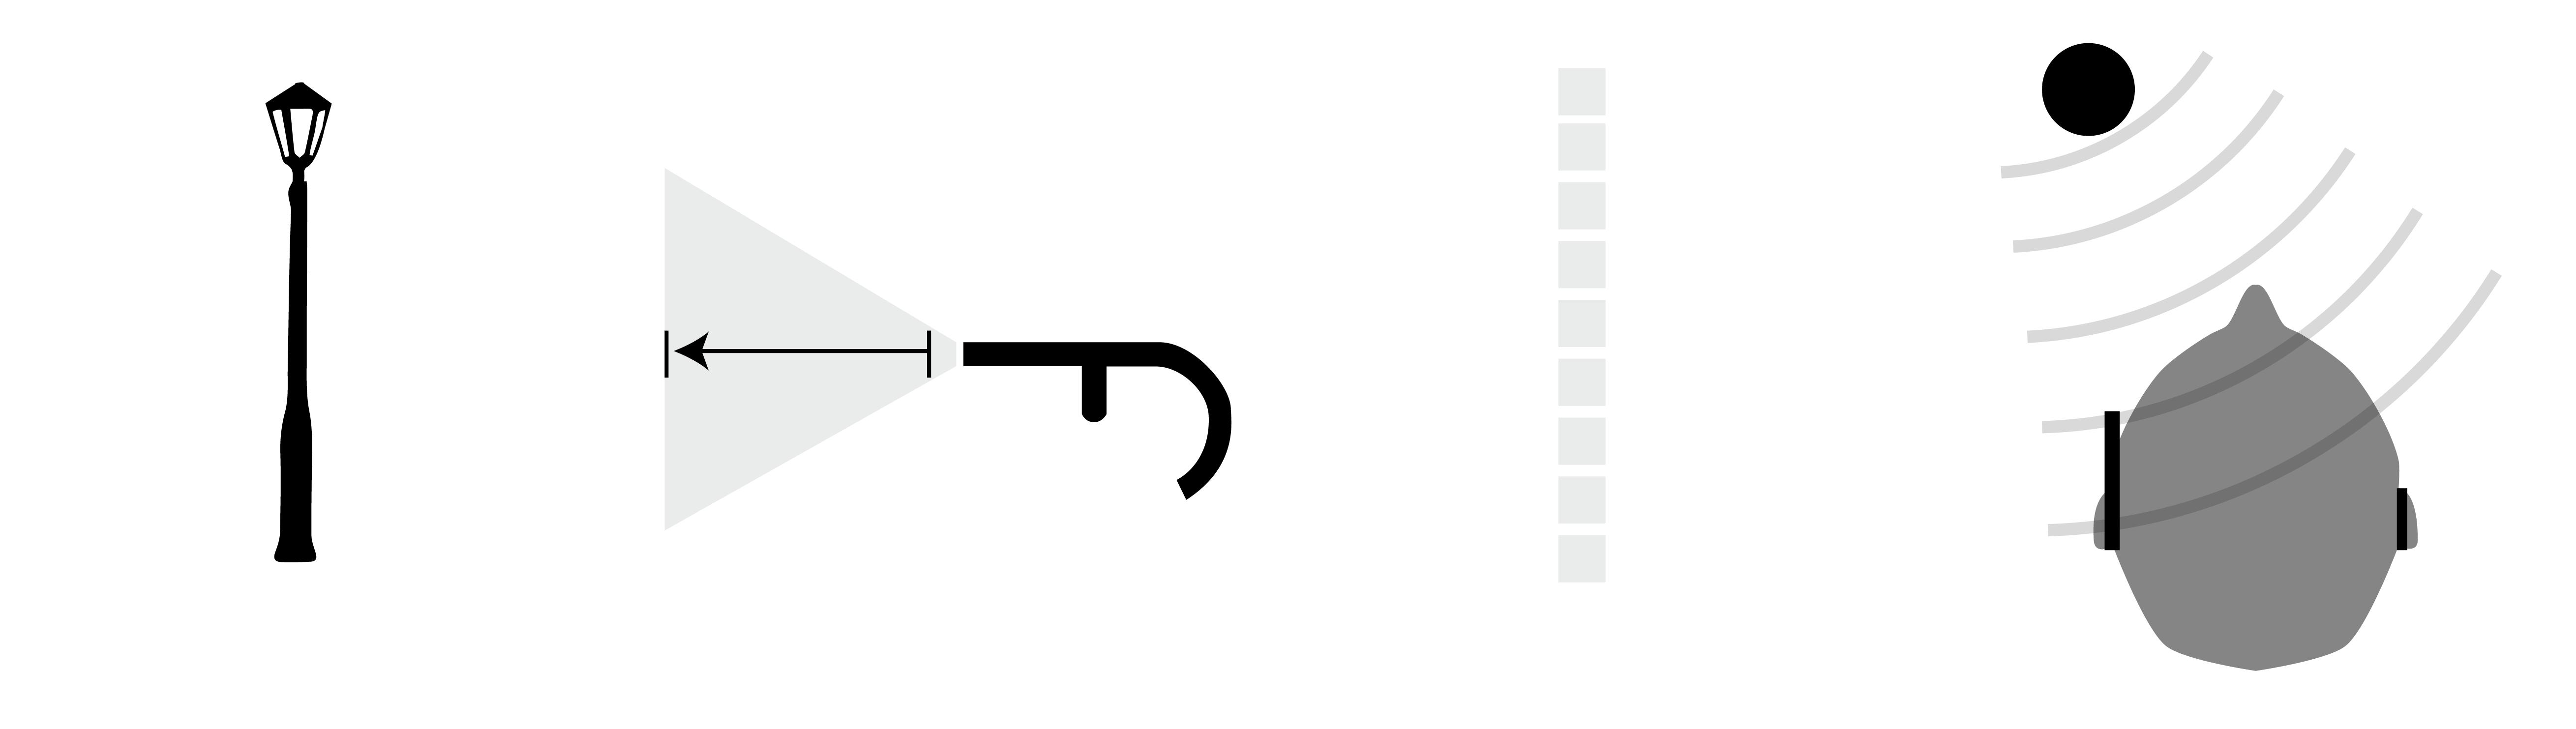 WebShear-notext